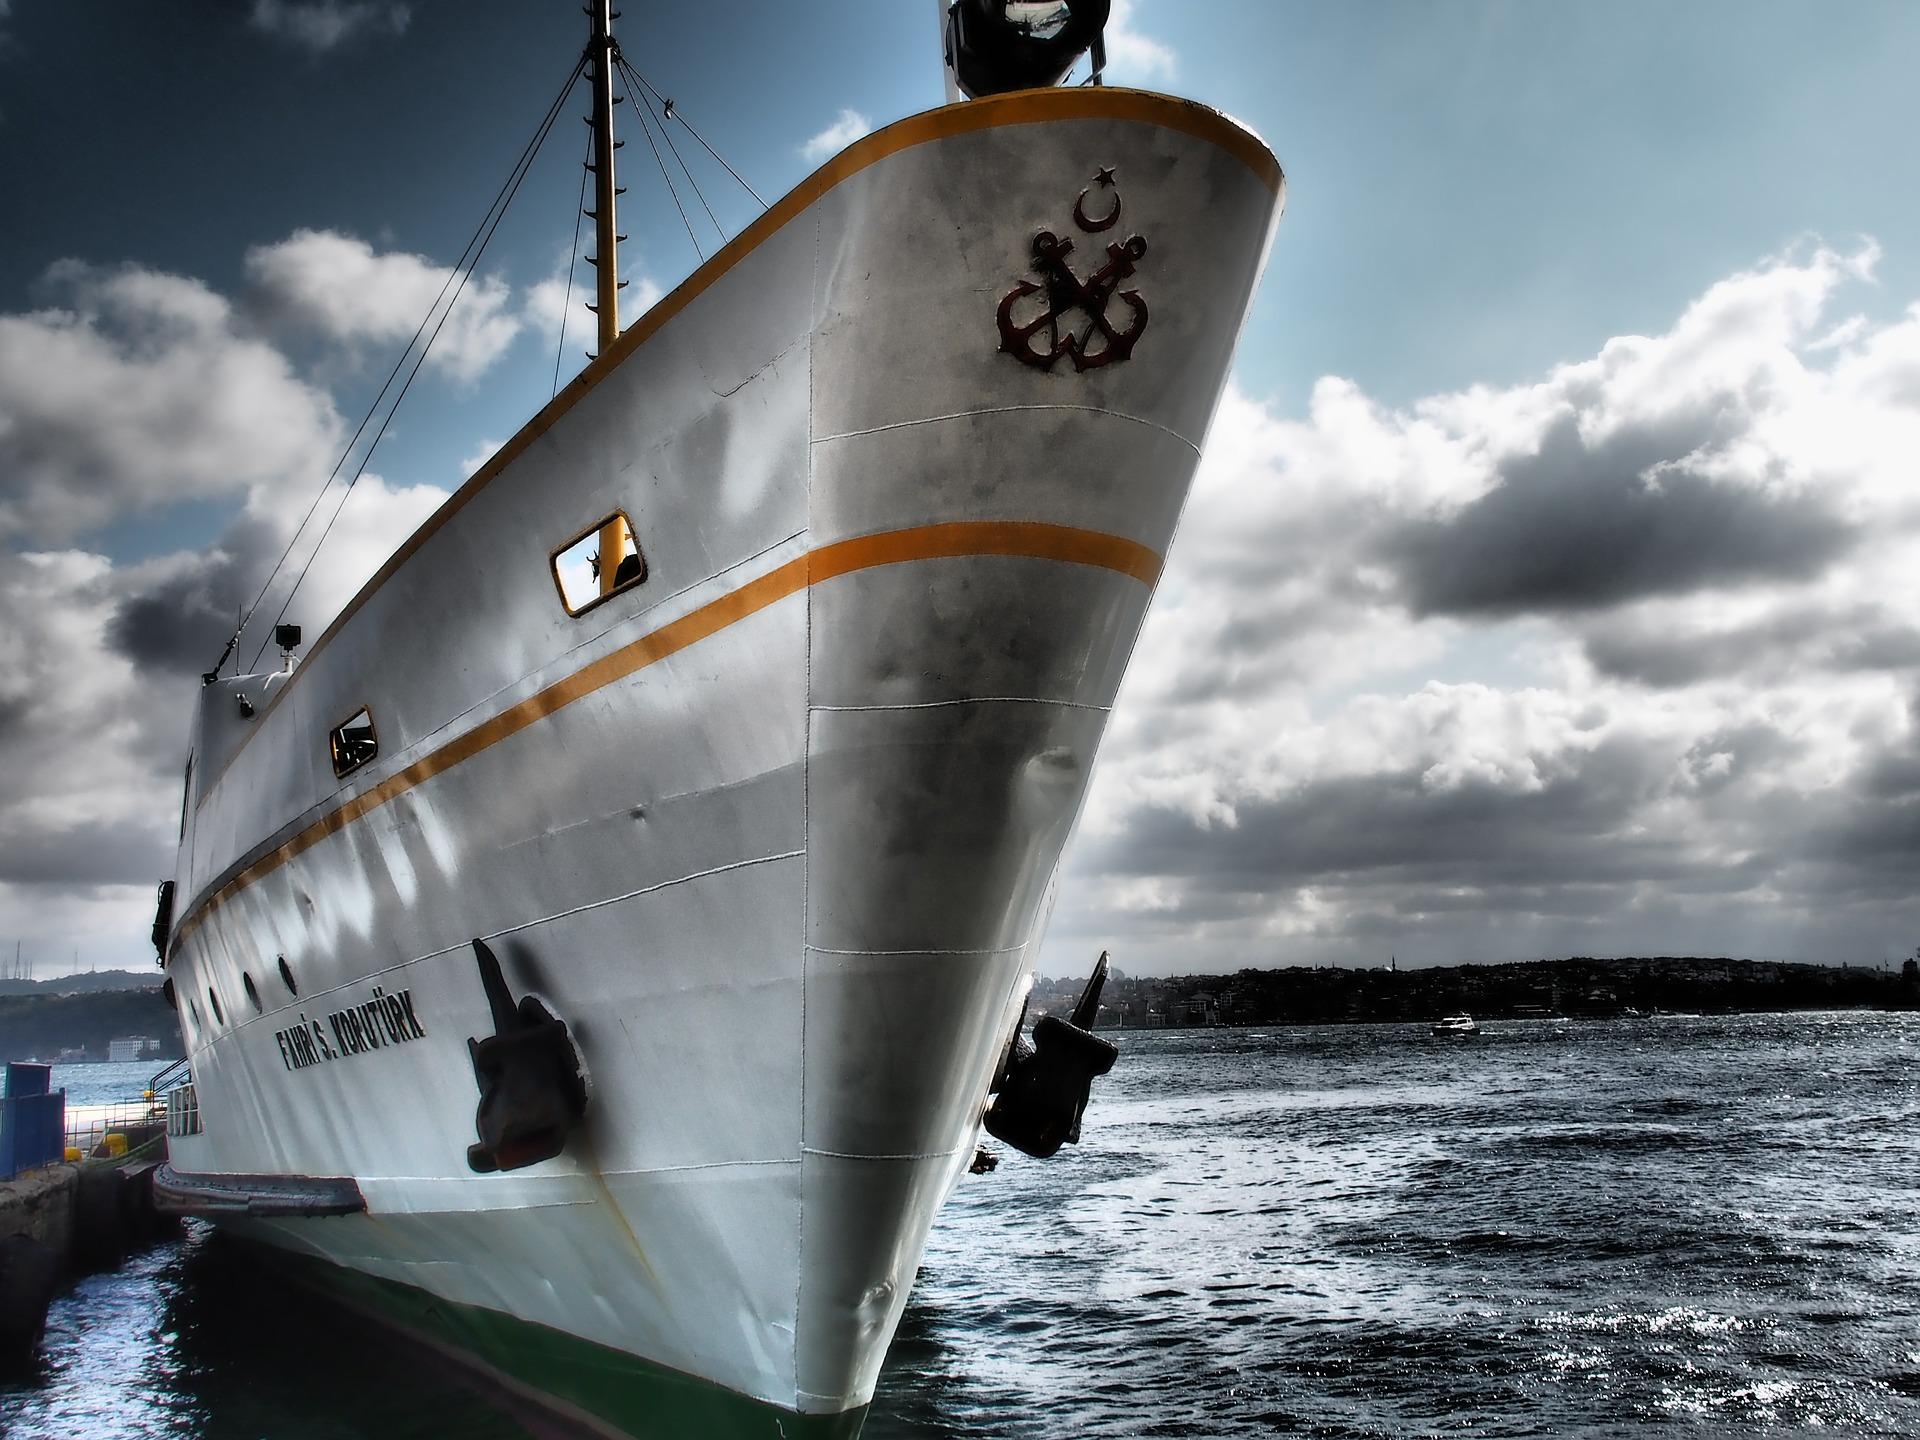 βάρκα, πλοίο, Πλοίο, Θάλασσα, Άγκυρα, Ουρανός, σύννεφα - Wallpapers HD - Professor-falken.com